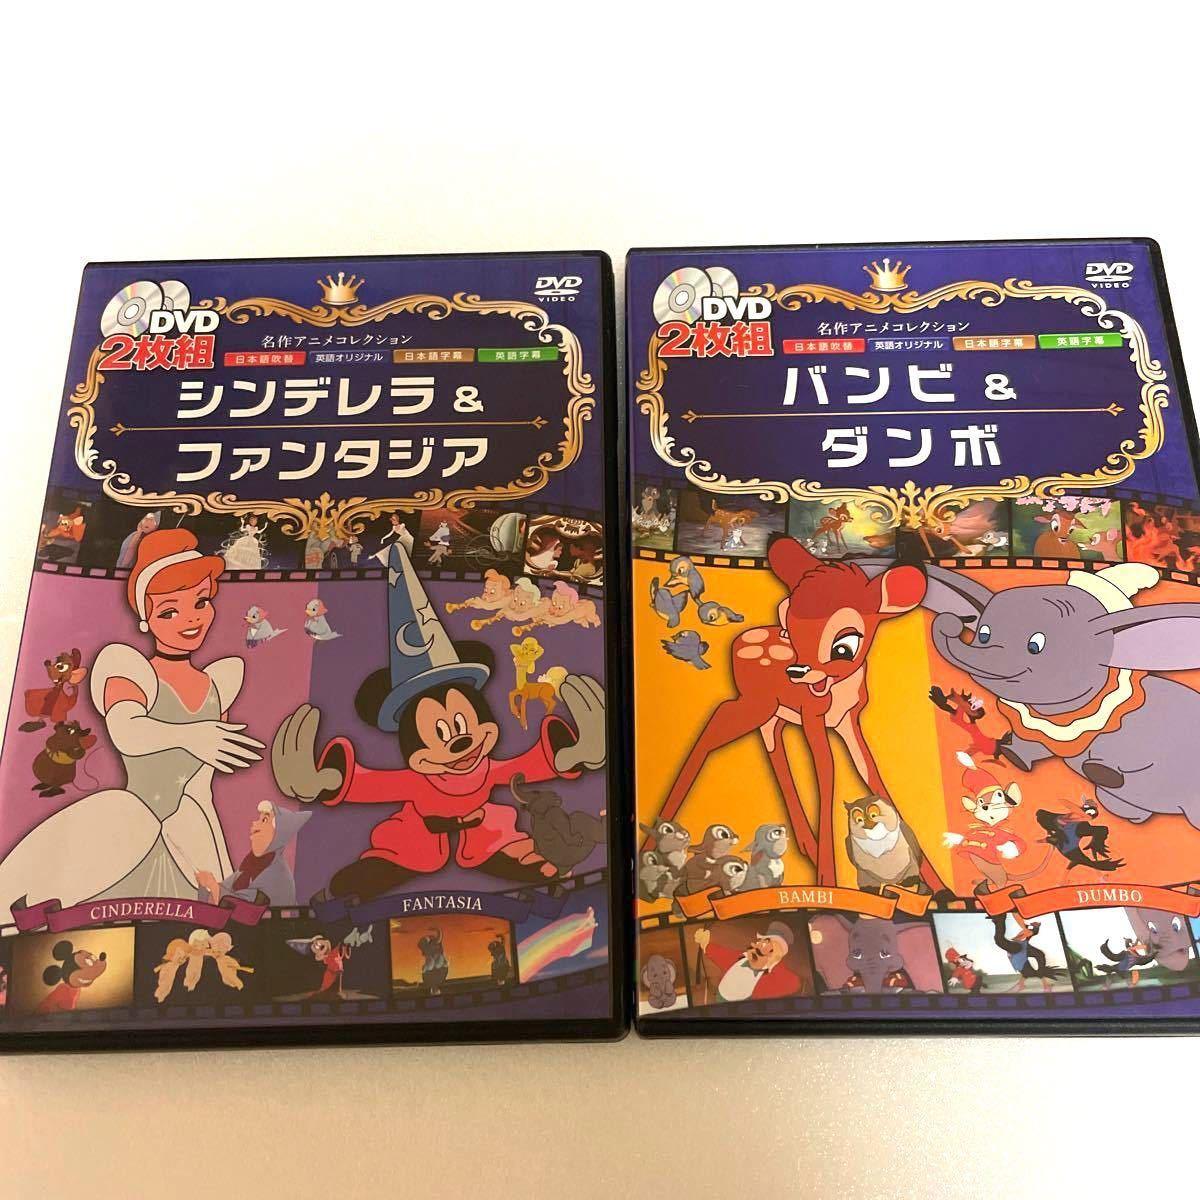 しまむら ディズニー DVD        シンデレラ&ファンタジア        バンビ&ダンボ